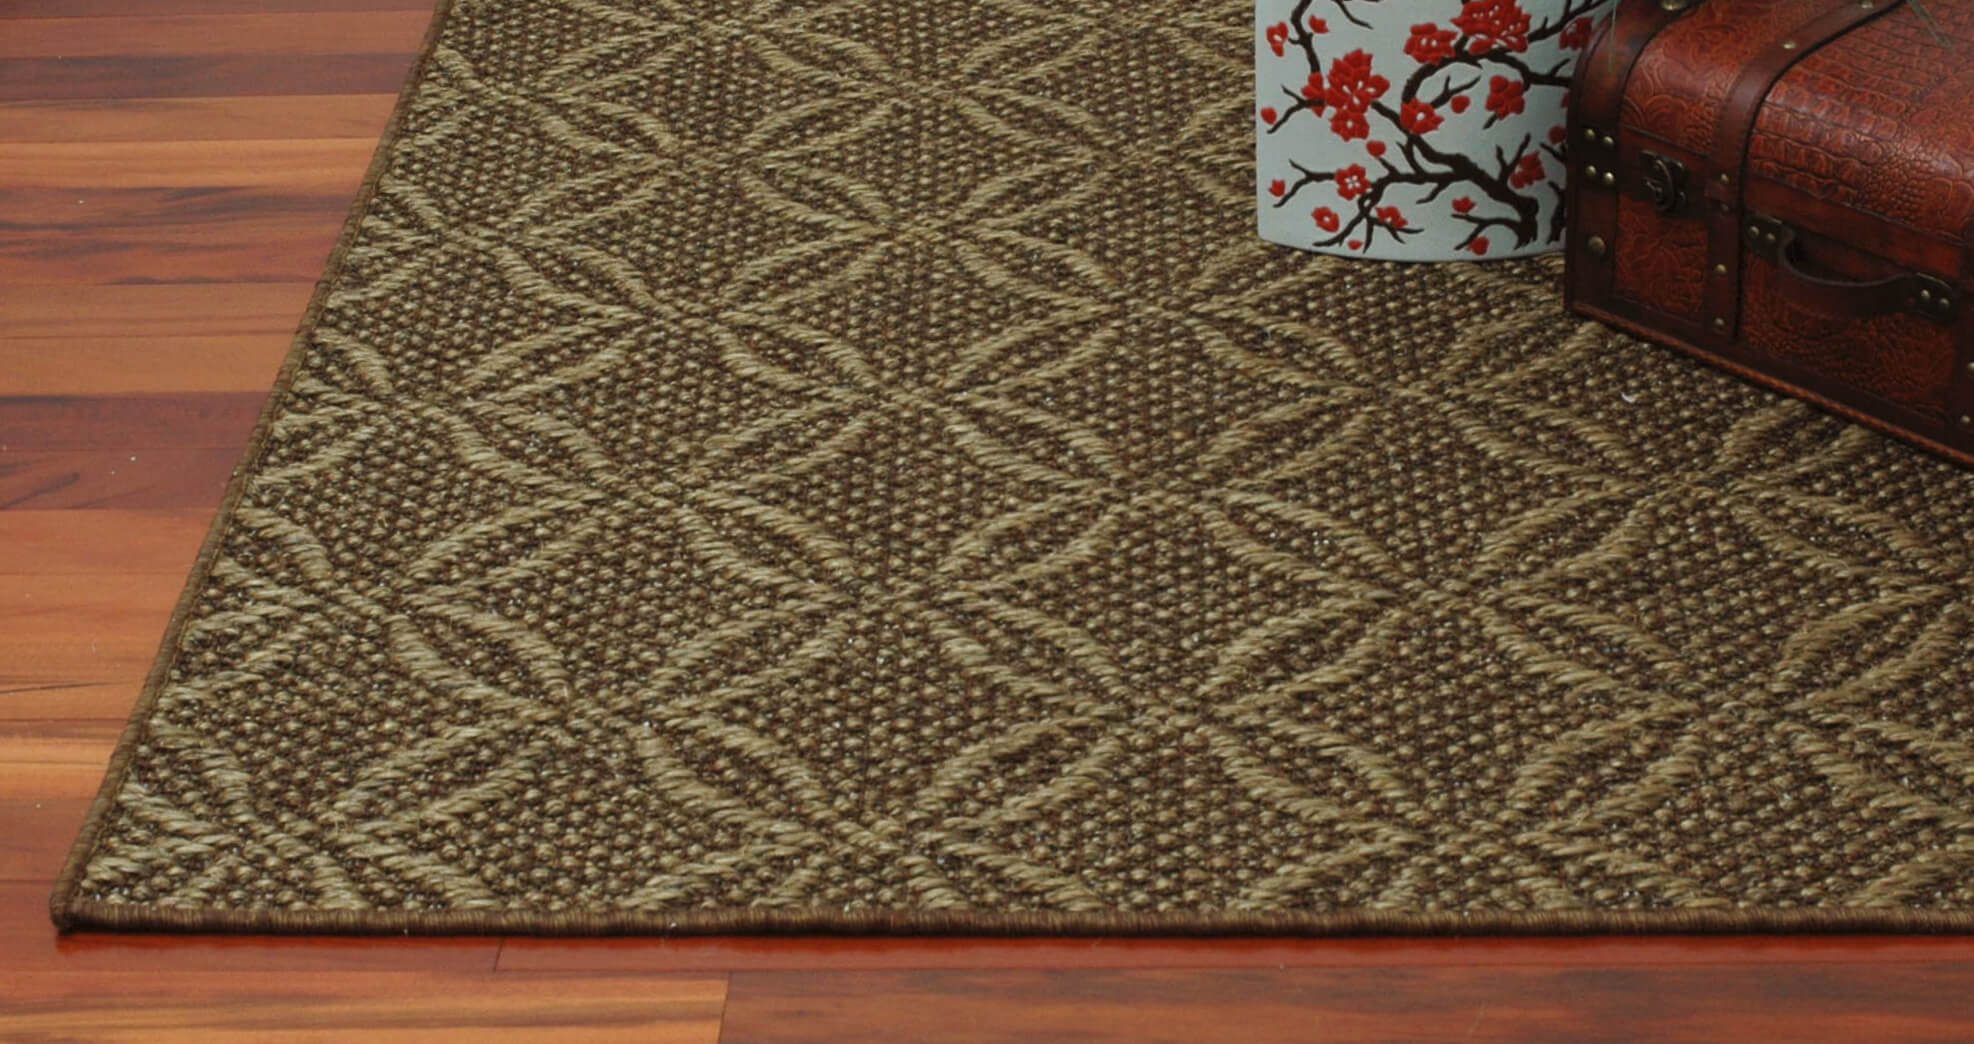 Fibreworks Custom Sisal CarpetFibreworks Natural Area Rugs